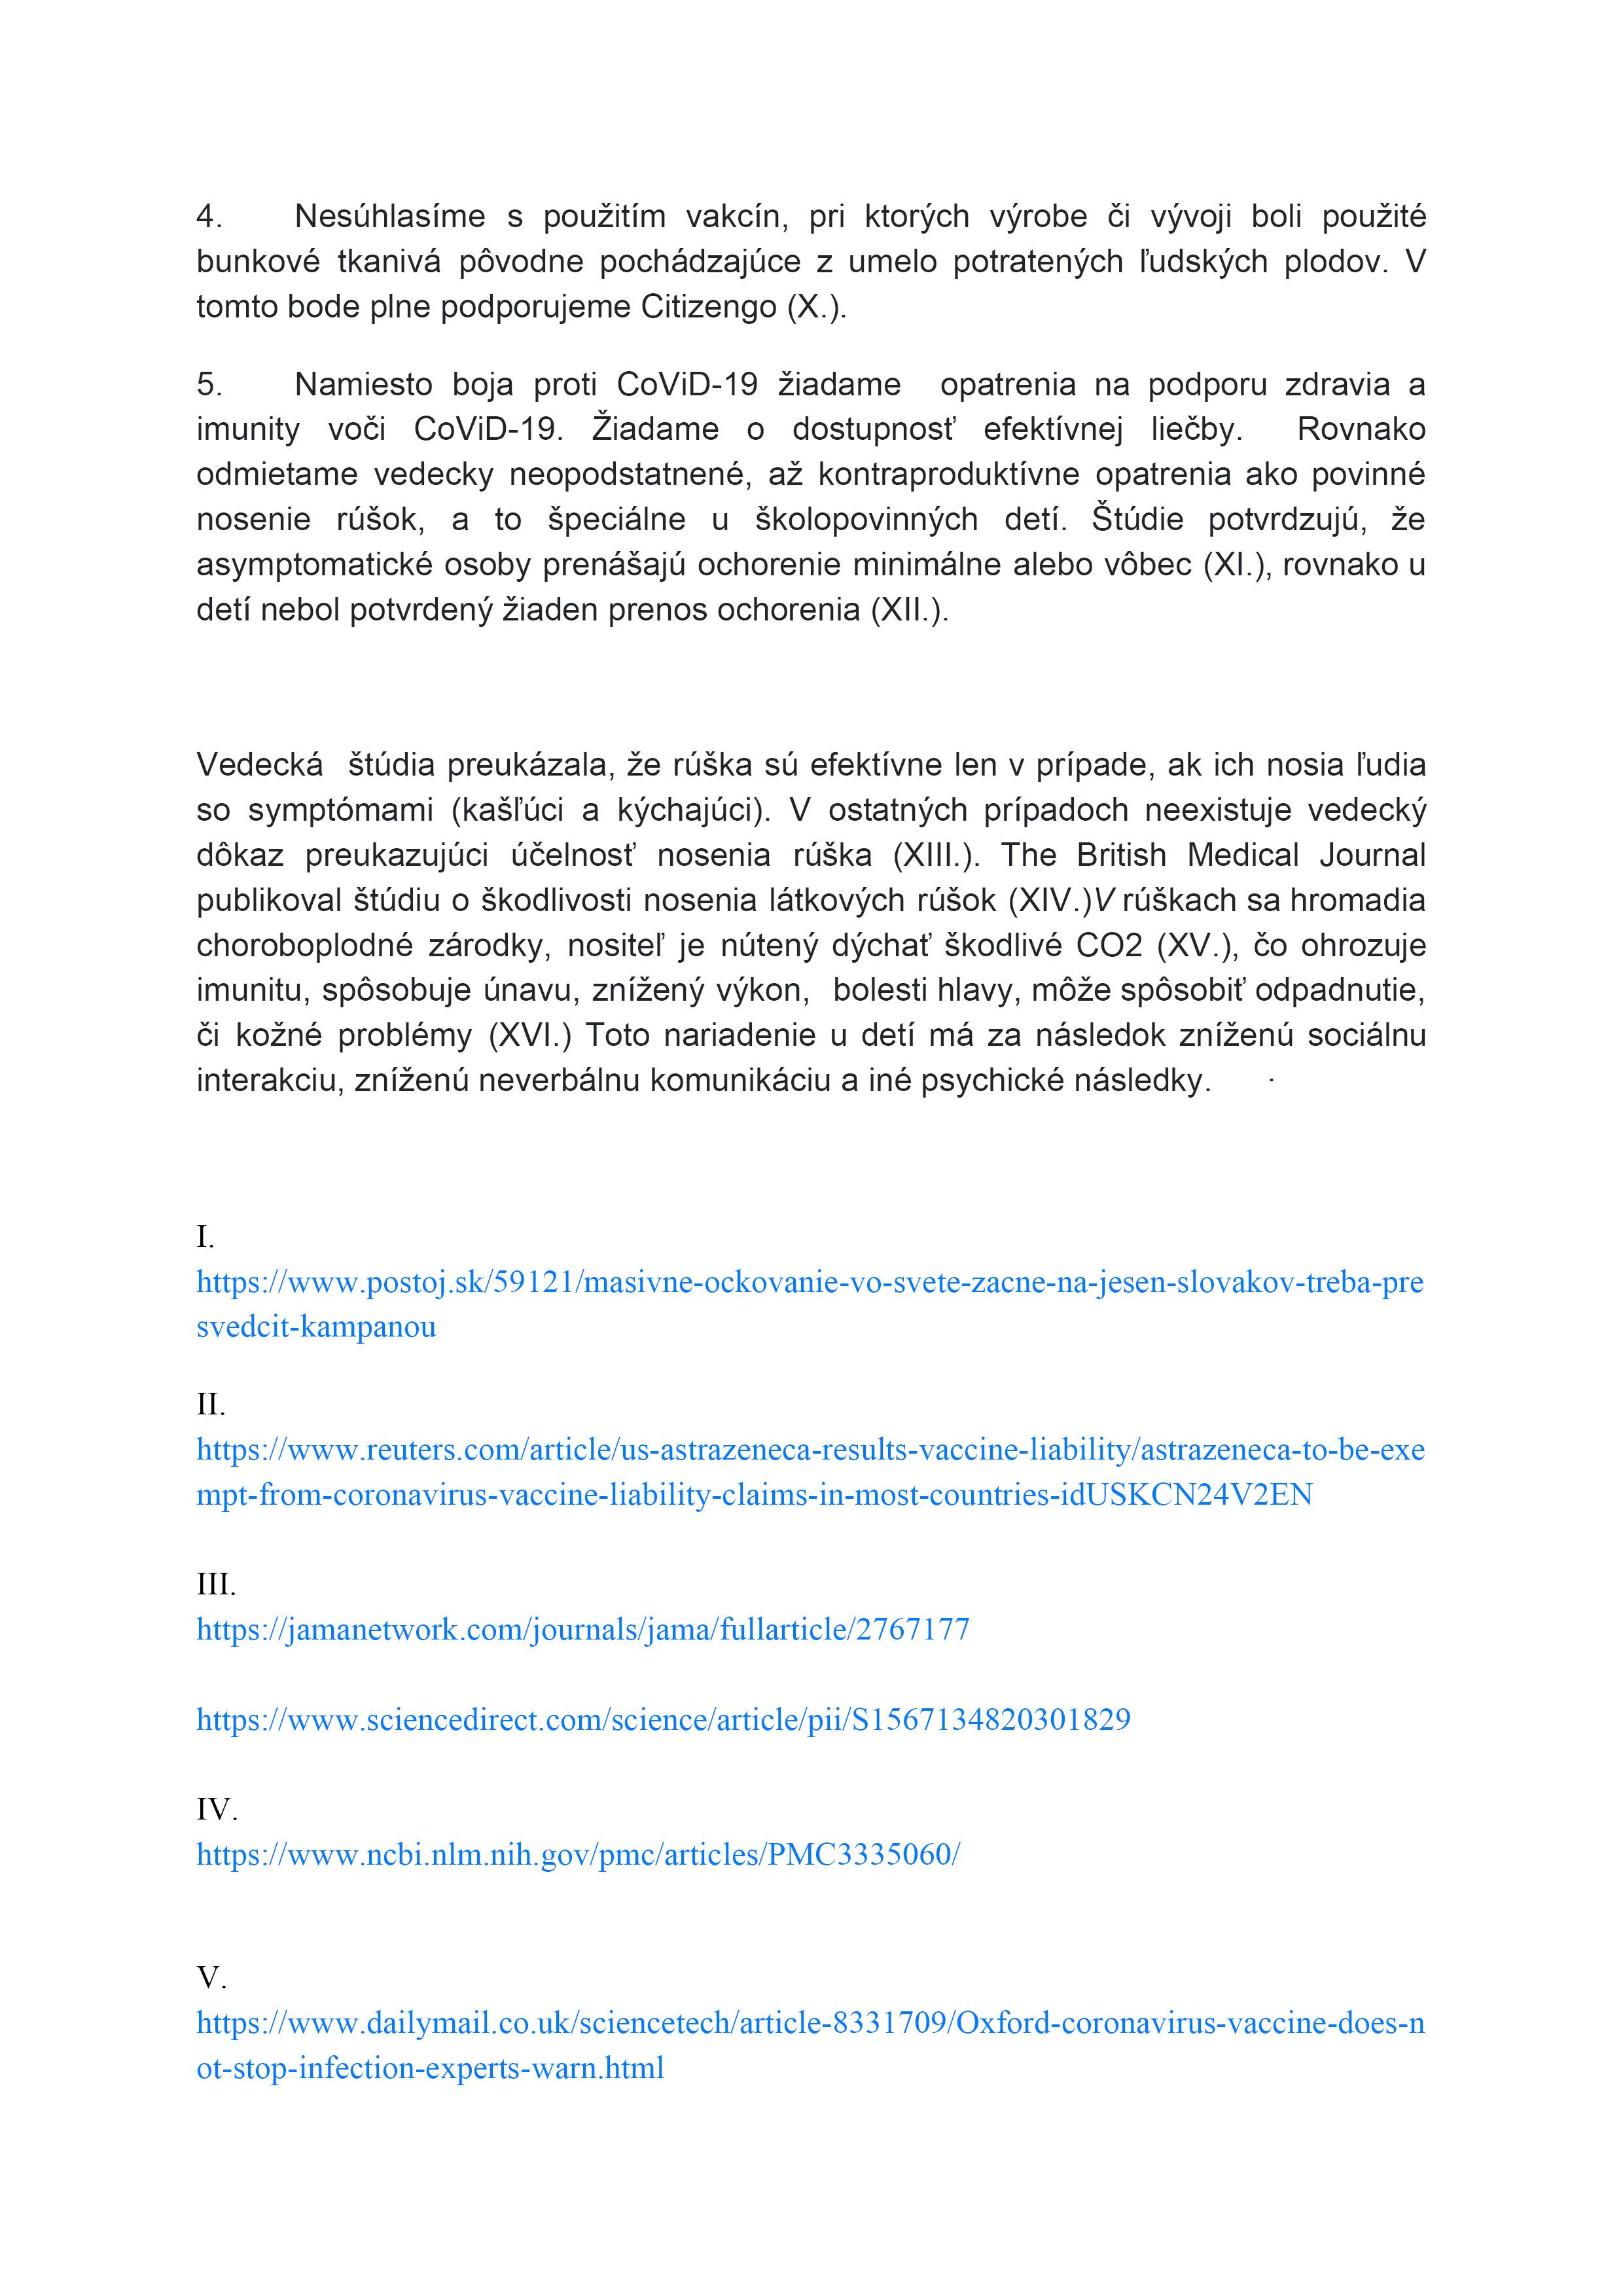 4_PETICNY_HAROK_Peticia_za_dobrovolnost_ockovania_proti_CoViD_19.jpg